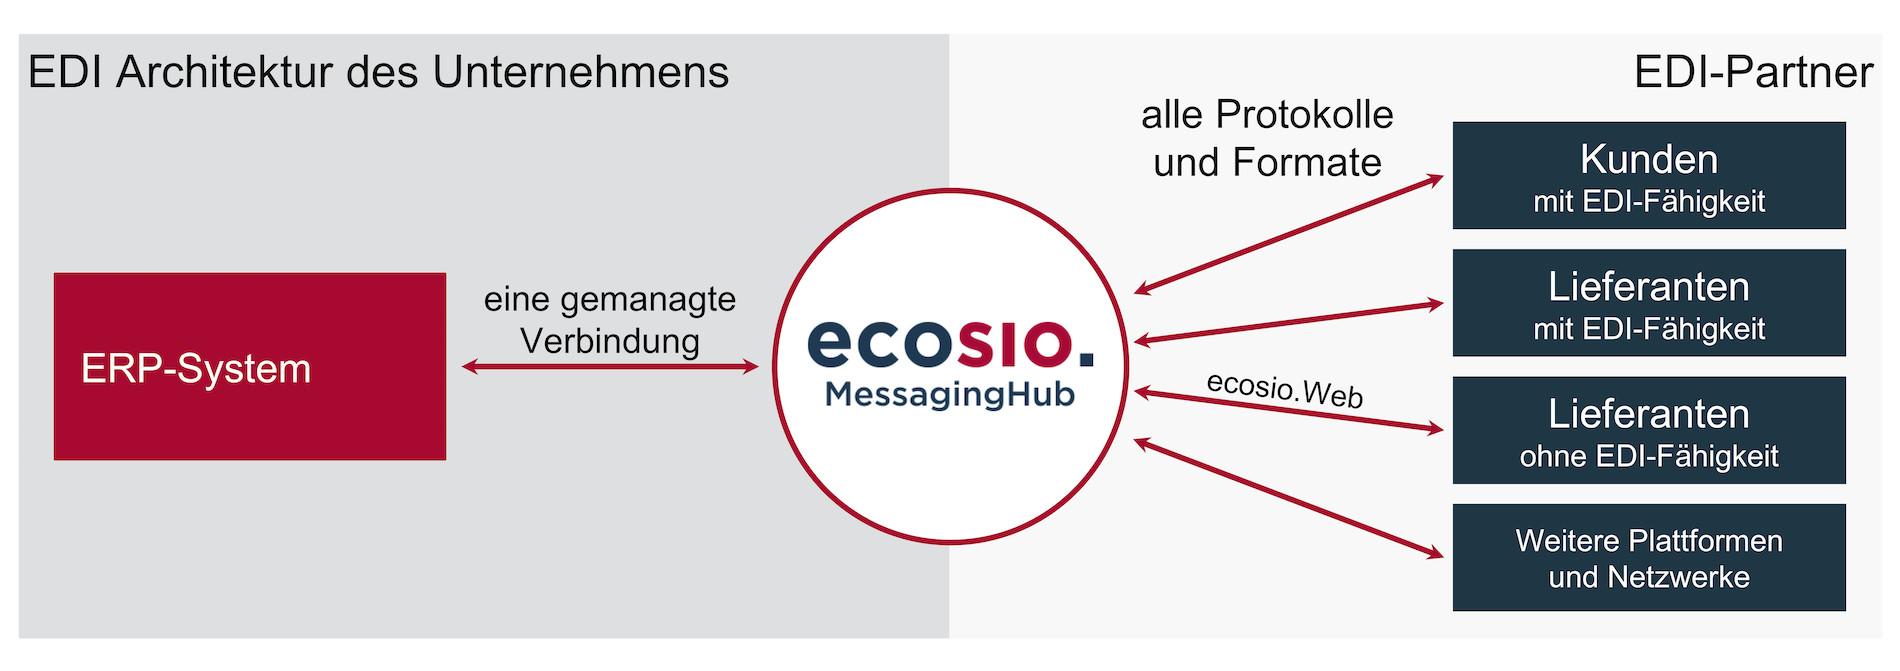 Unternehmen benötigen nur eine Verbindung zum ecosio.MessagingHub